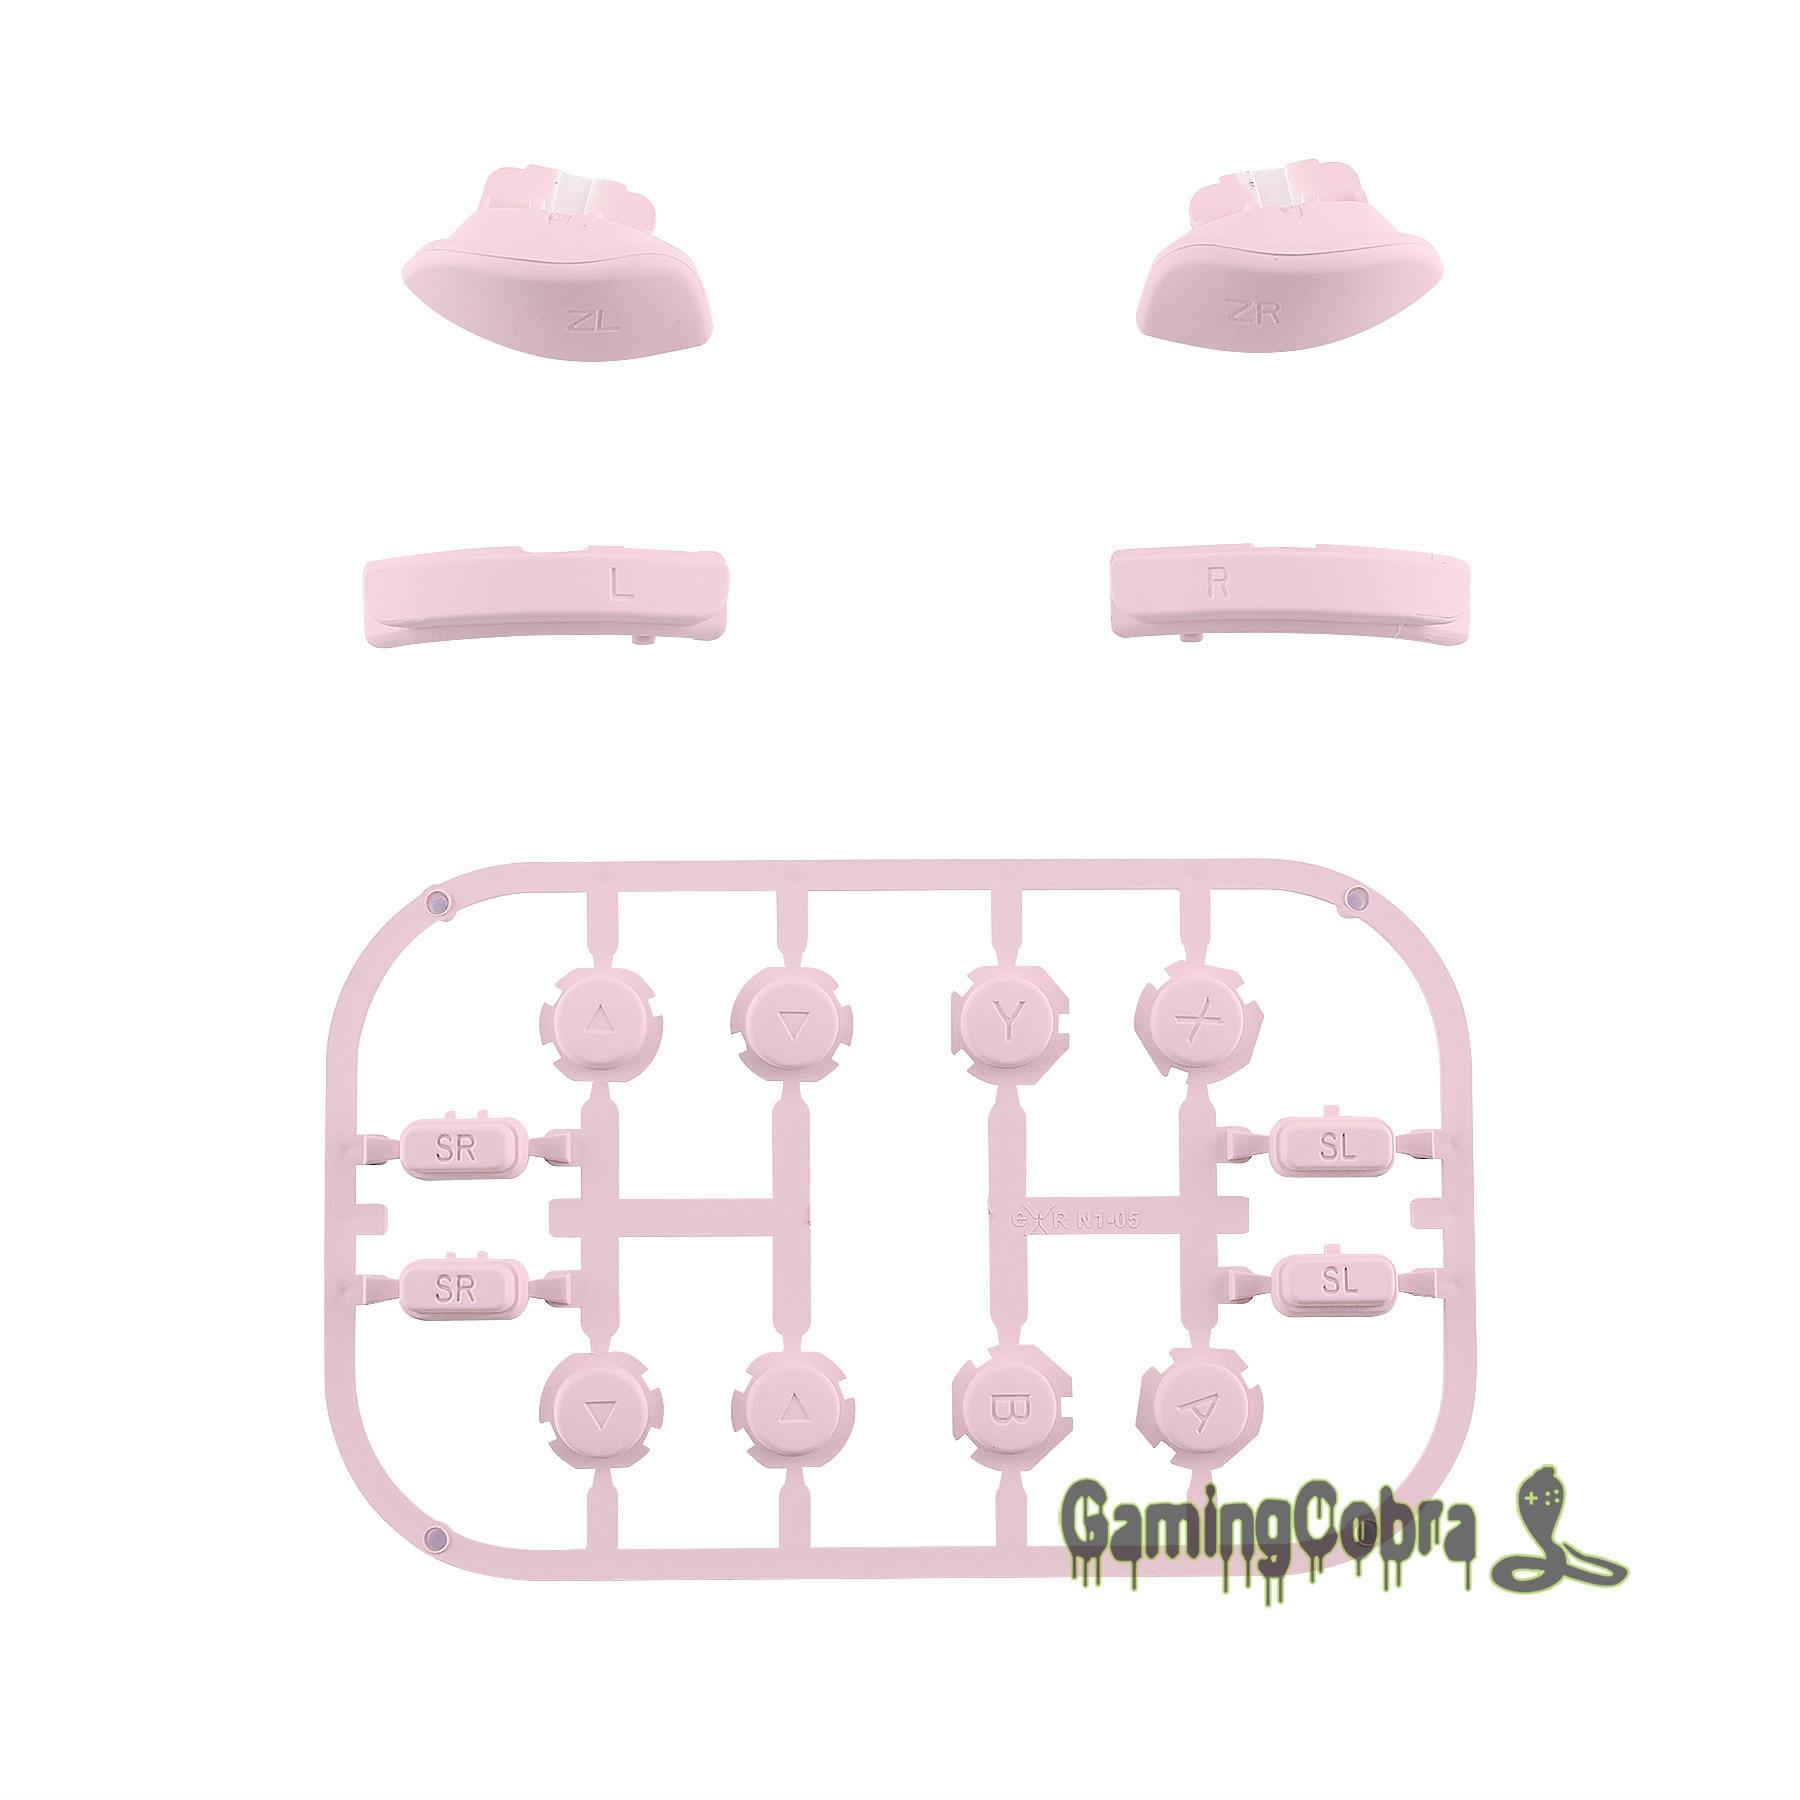 Мягкий сенсорный Сакура розовый Замена ключей направления ABXY SR SL L R ZR ZL триггер полный набор кнопок w/инструменты для nintendo Switch Joy